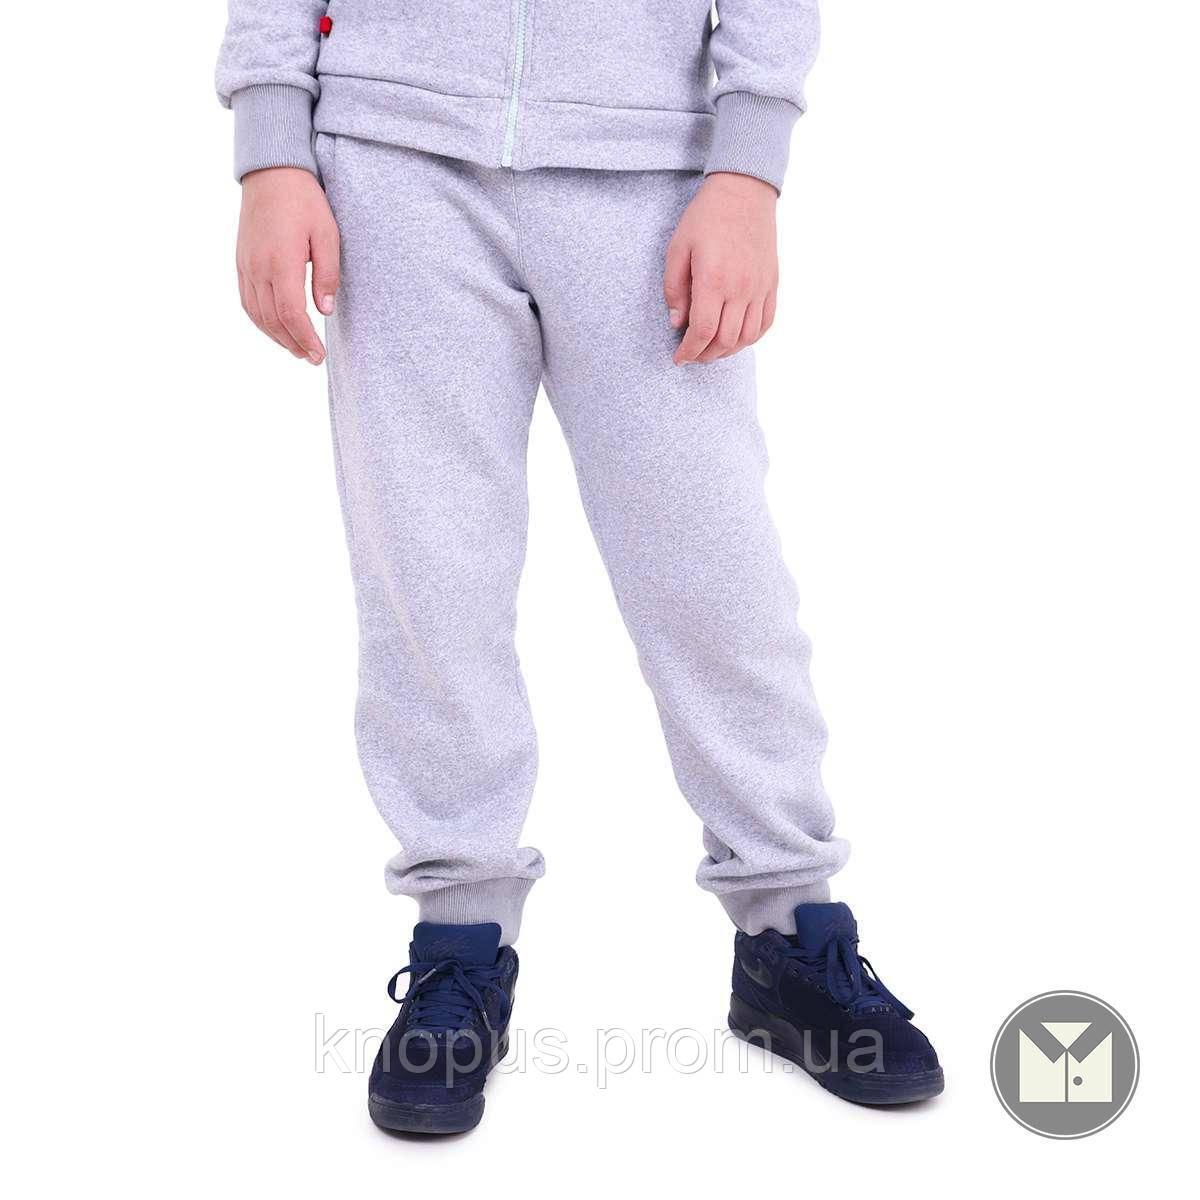 Спортивные штаны  для мальчикаи светло-серые, размеры 128-152, Тимбо